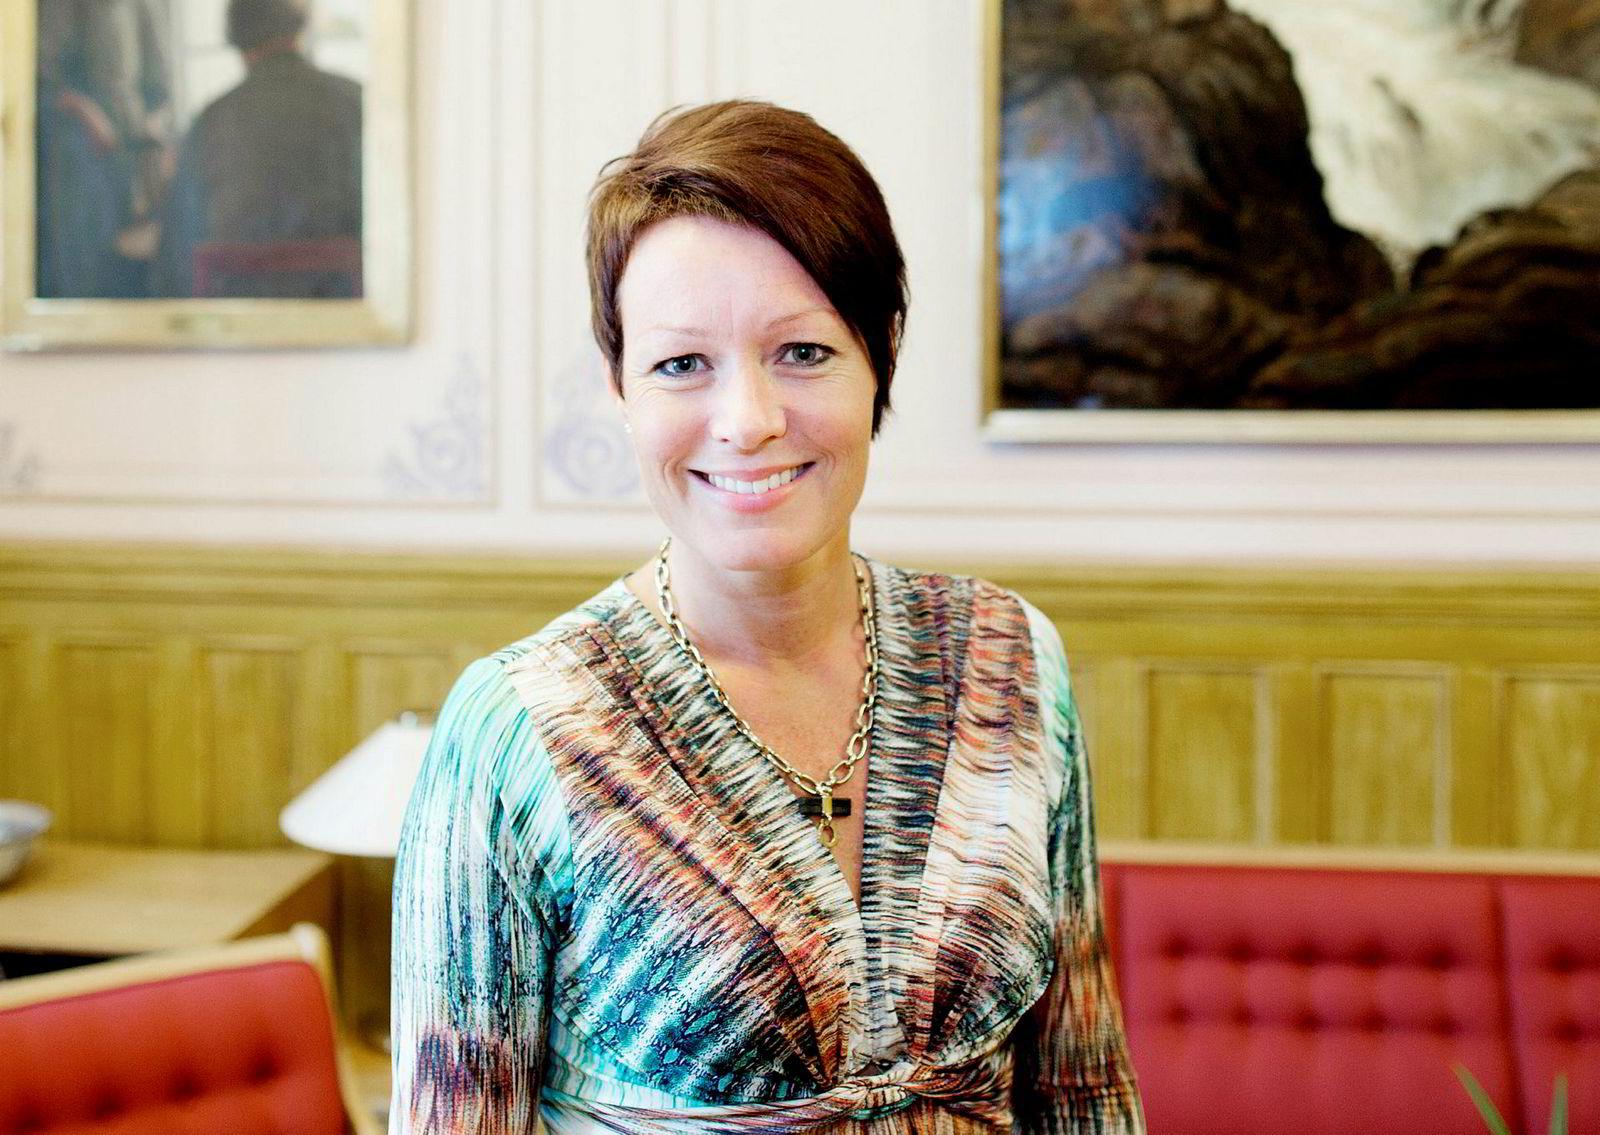 Line Henriette Hjemdal i KrF har lang erfaring som stortingspolitiker, både som næringspolitisk talsperson og fra presidentskapet. Hun ble ikke gjenvalgt i høst. Nå er hun en av kandidatene til å bli ny riksrevisor.